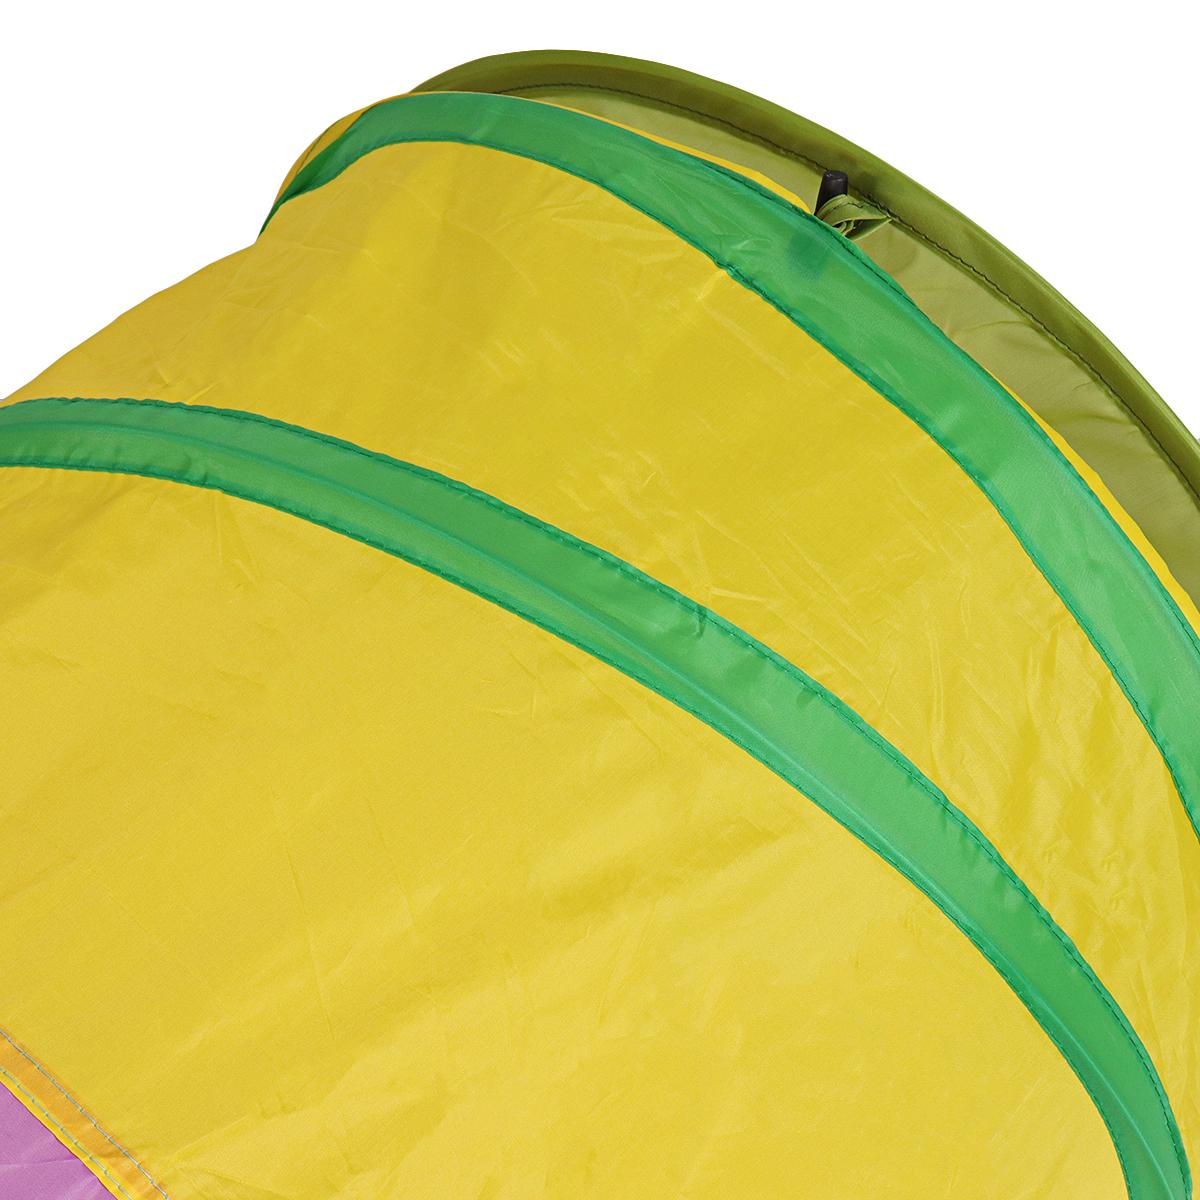 Kinder spielen Zelte mehrfarbige Raupe Zelt Tunnel lustige Entwicklung Spielzeug